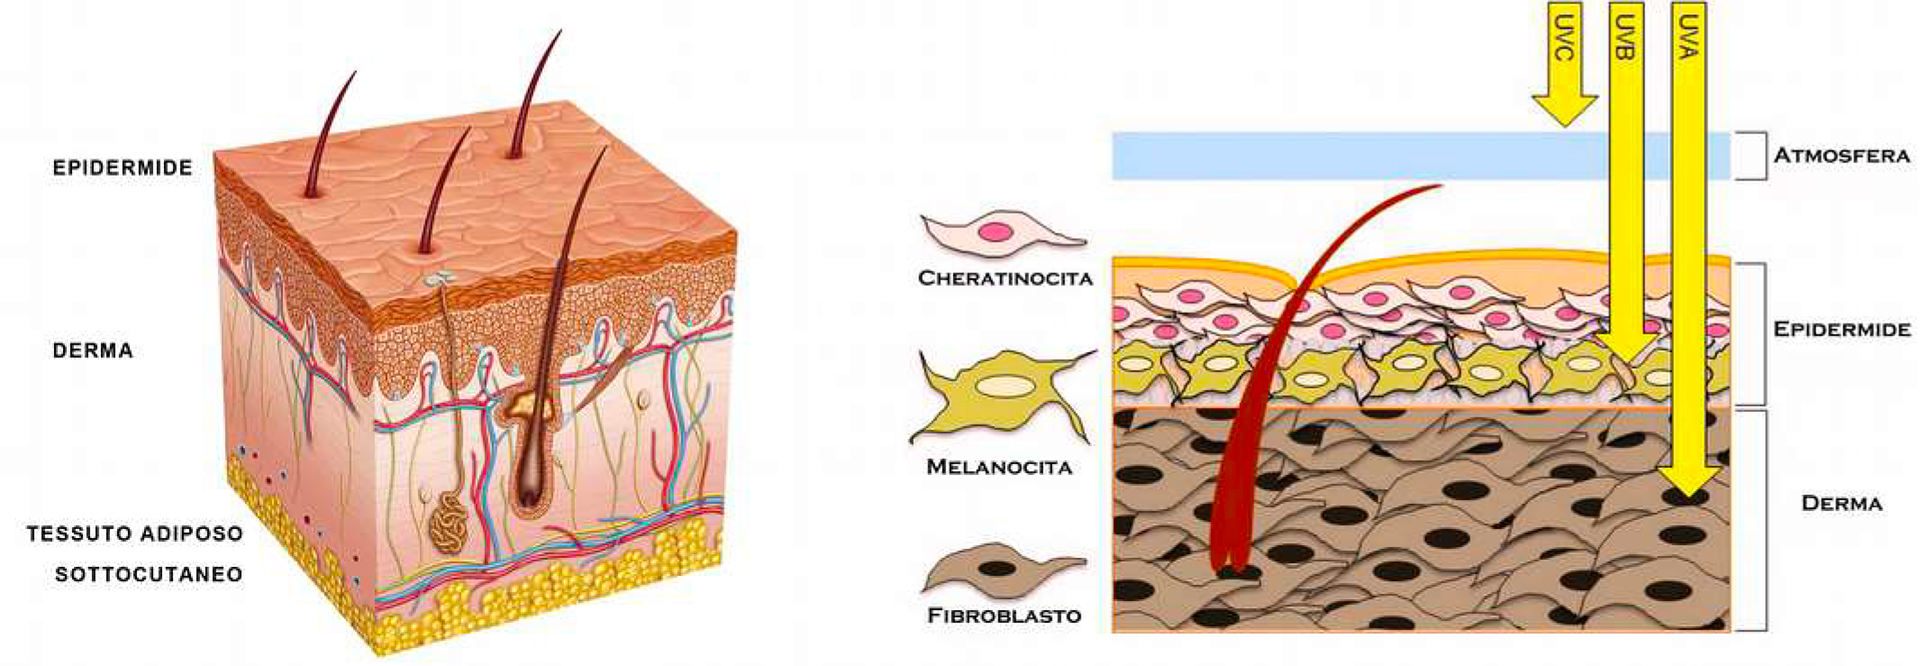 Pelle del viso macchiata a causa dell'esposizione solare